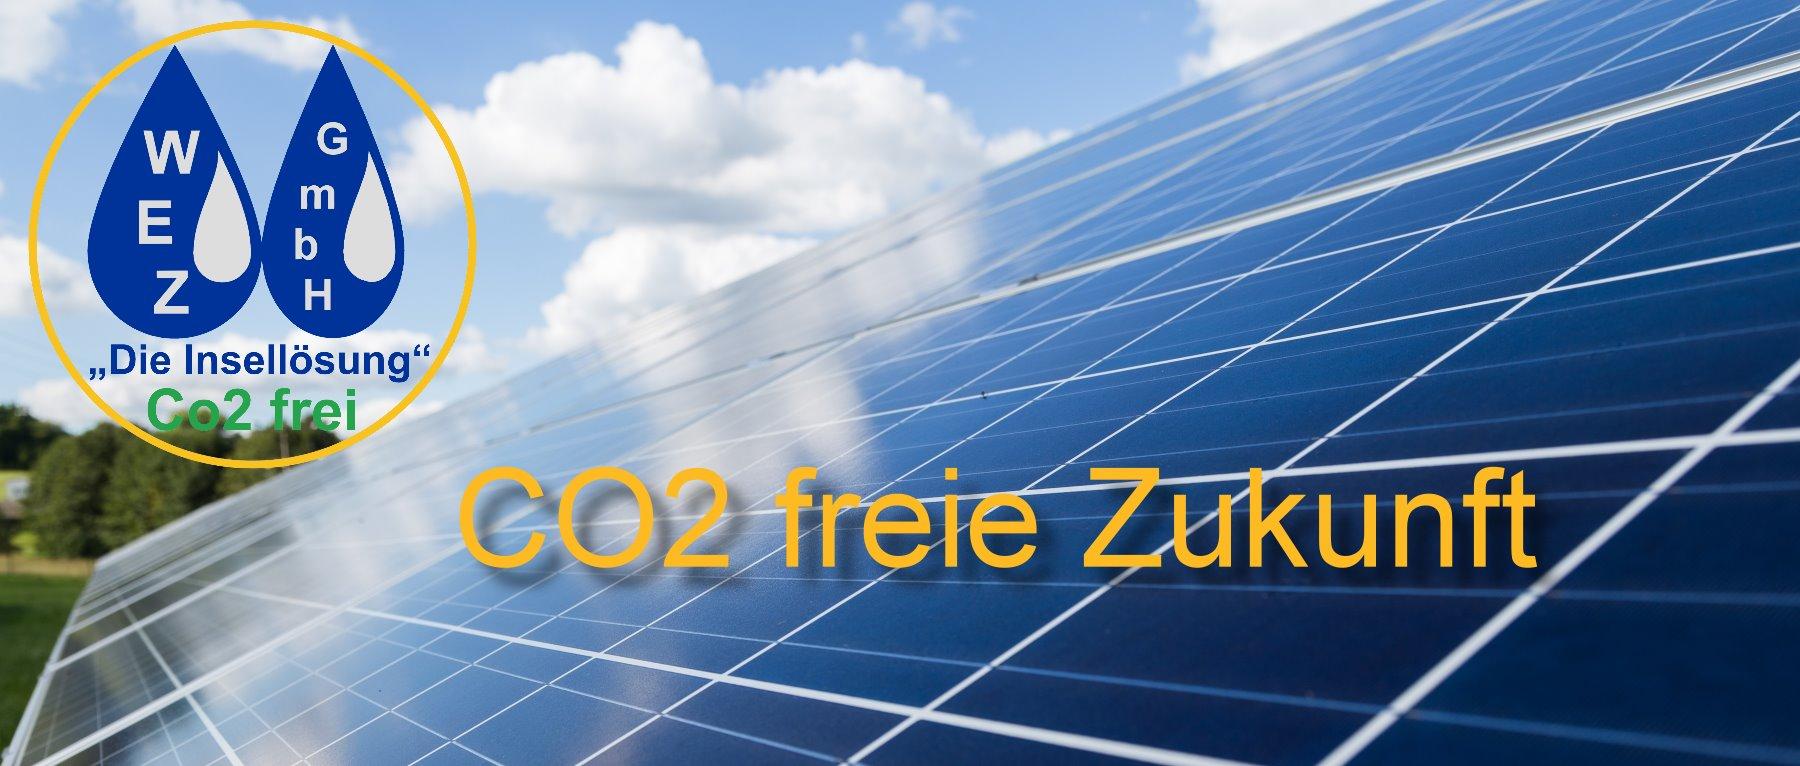 WEZ – CO2 frei